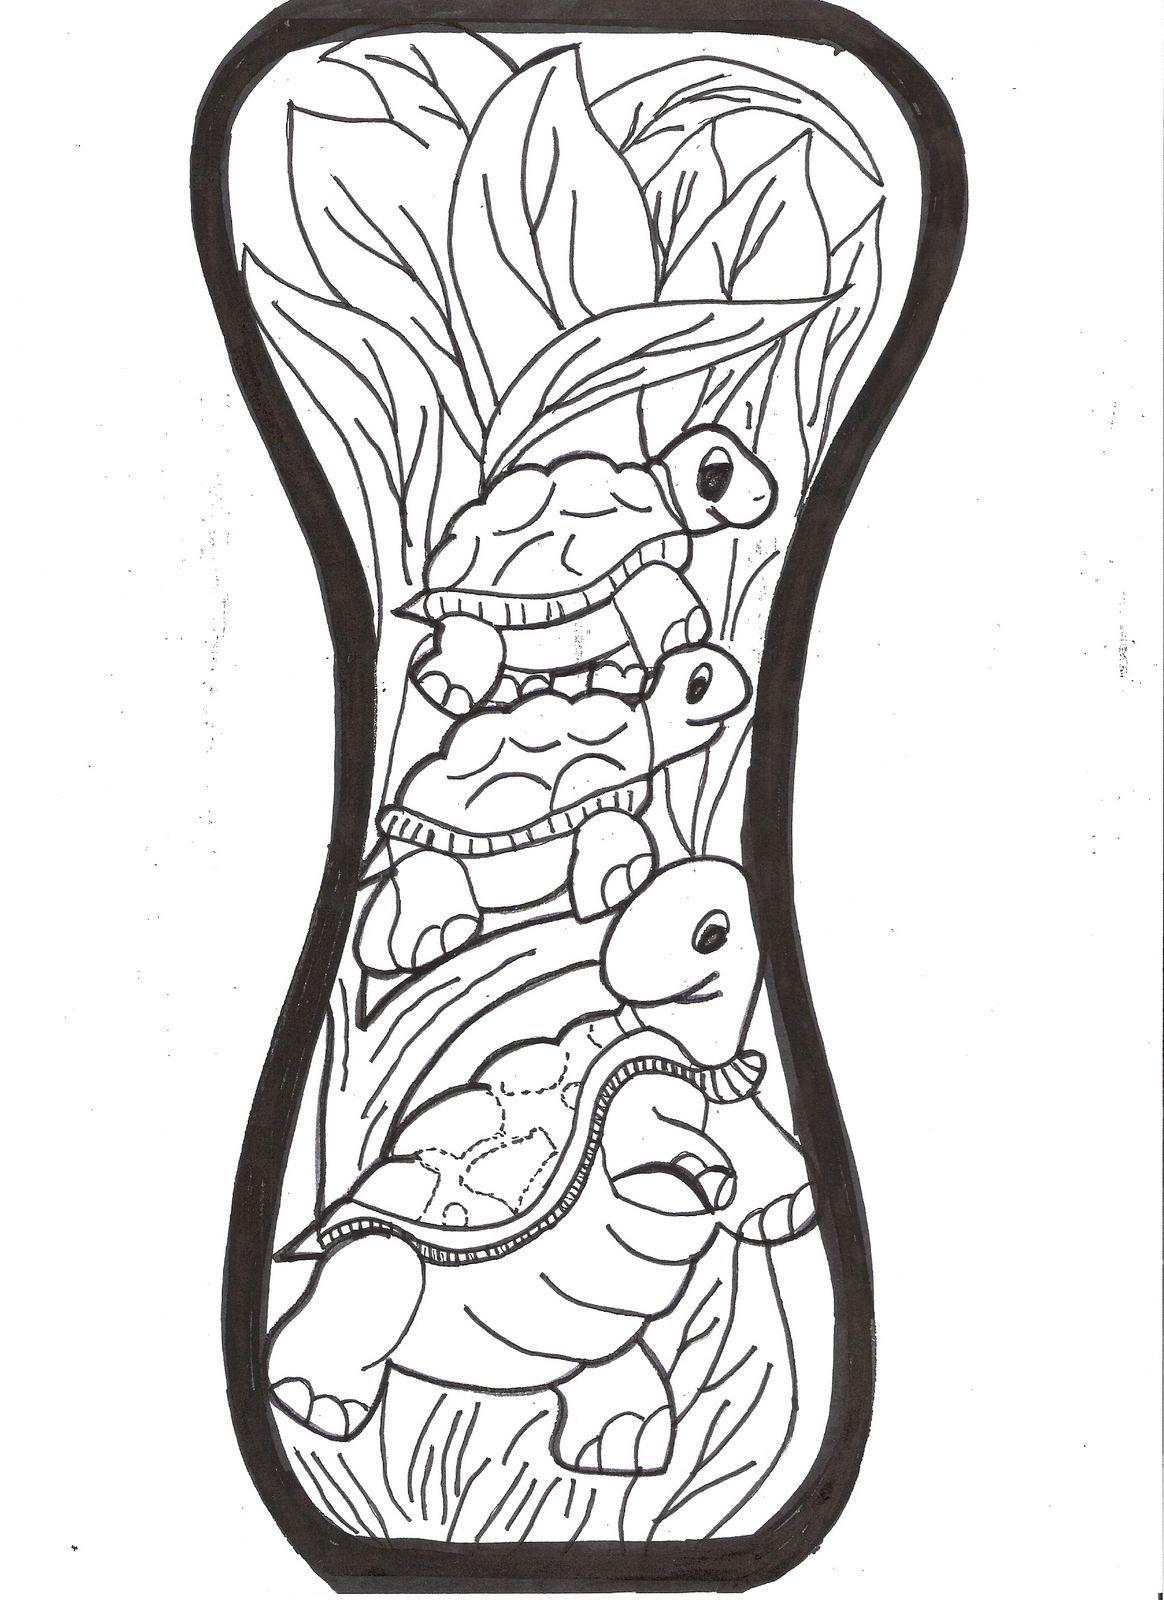 Letras para crear el cartel de primavera | primavera | Pinterest ...